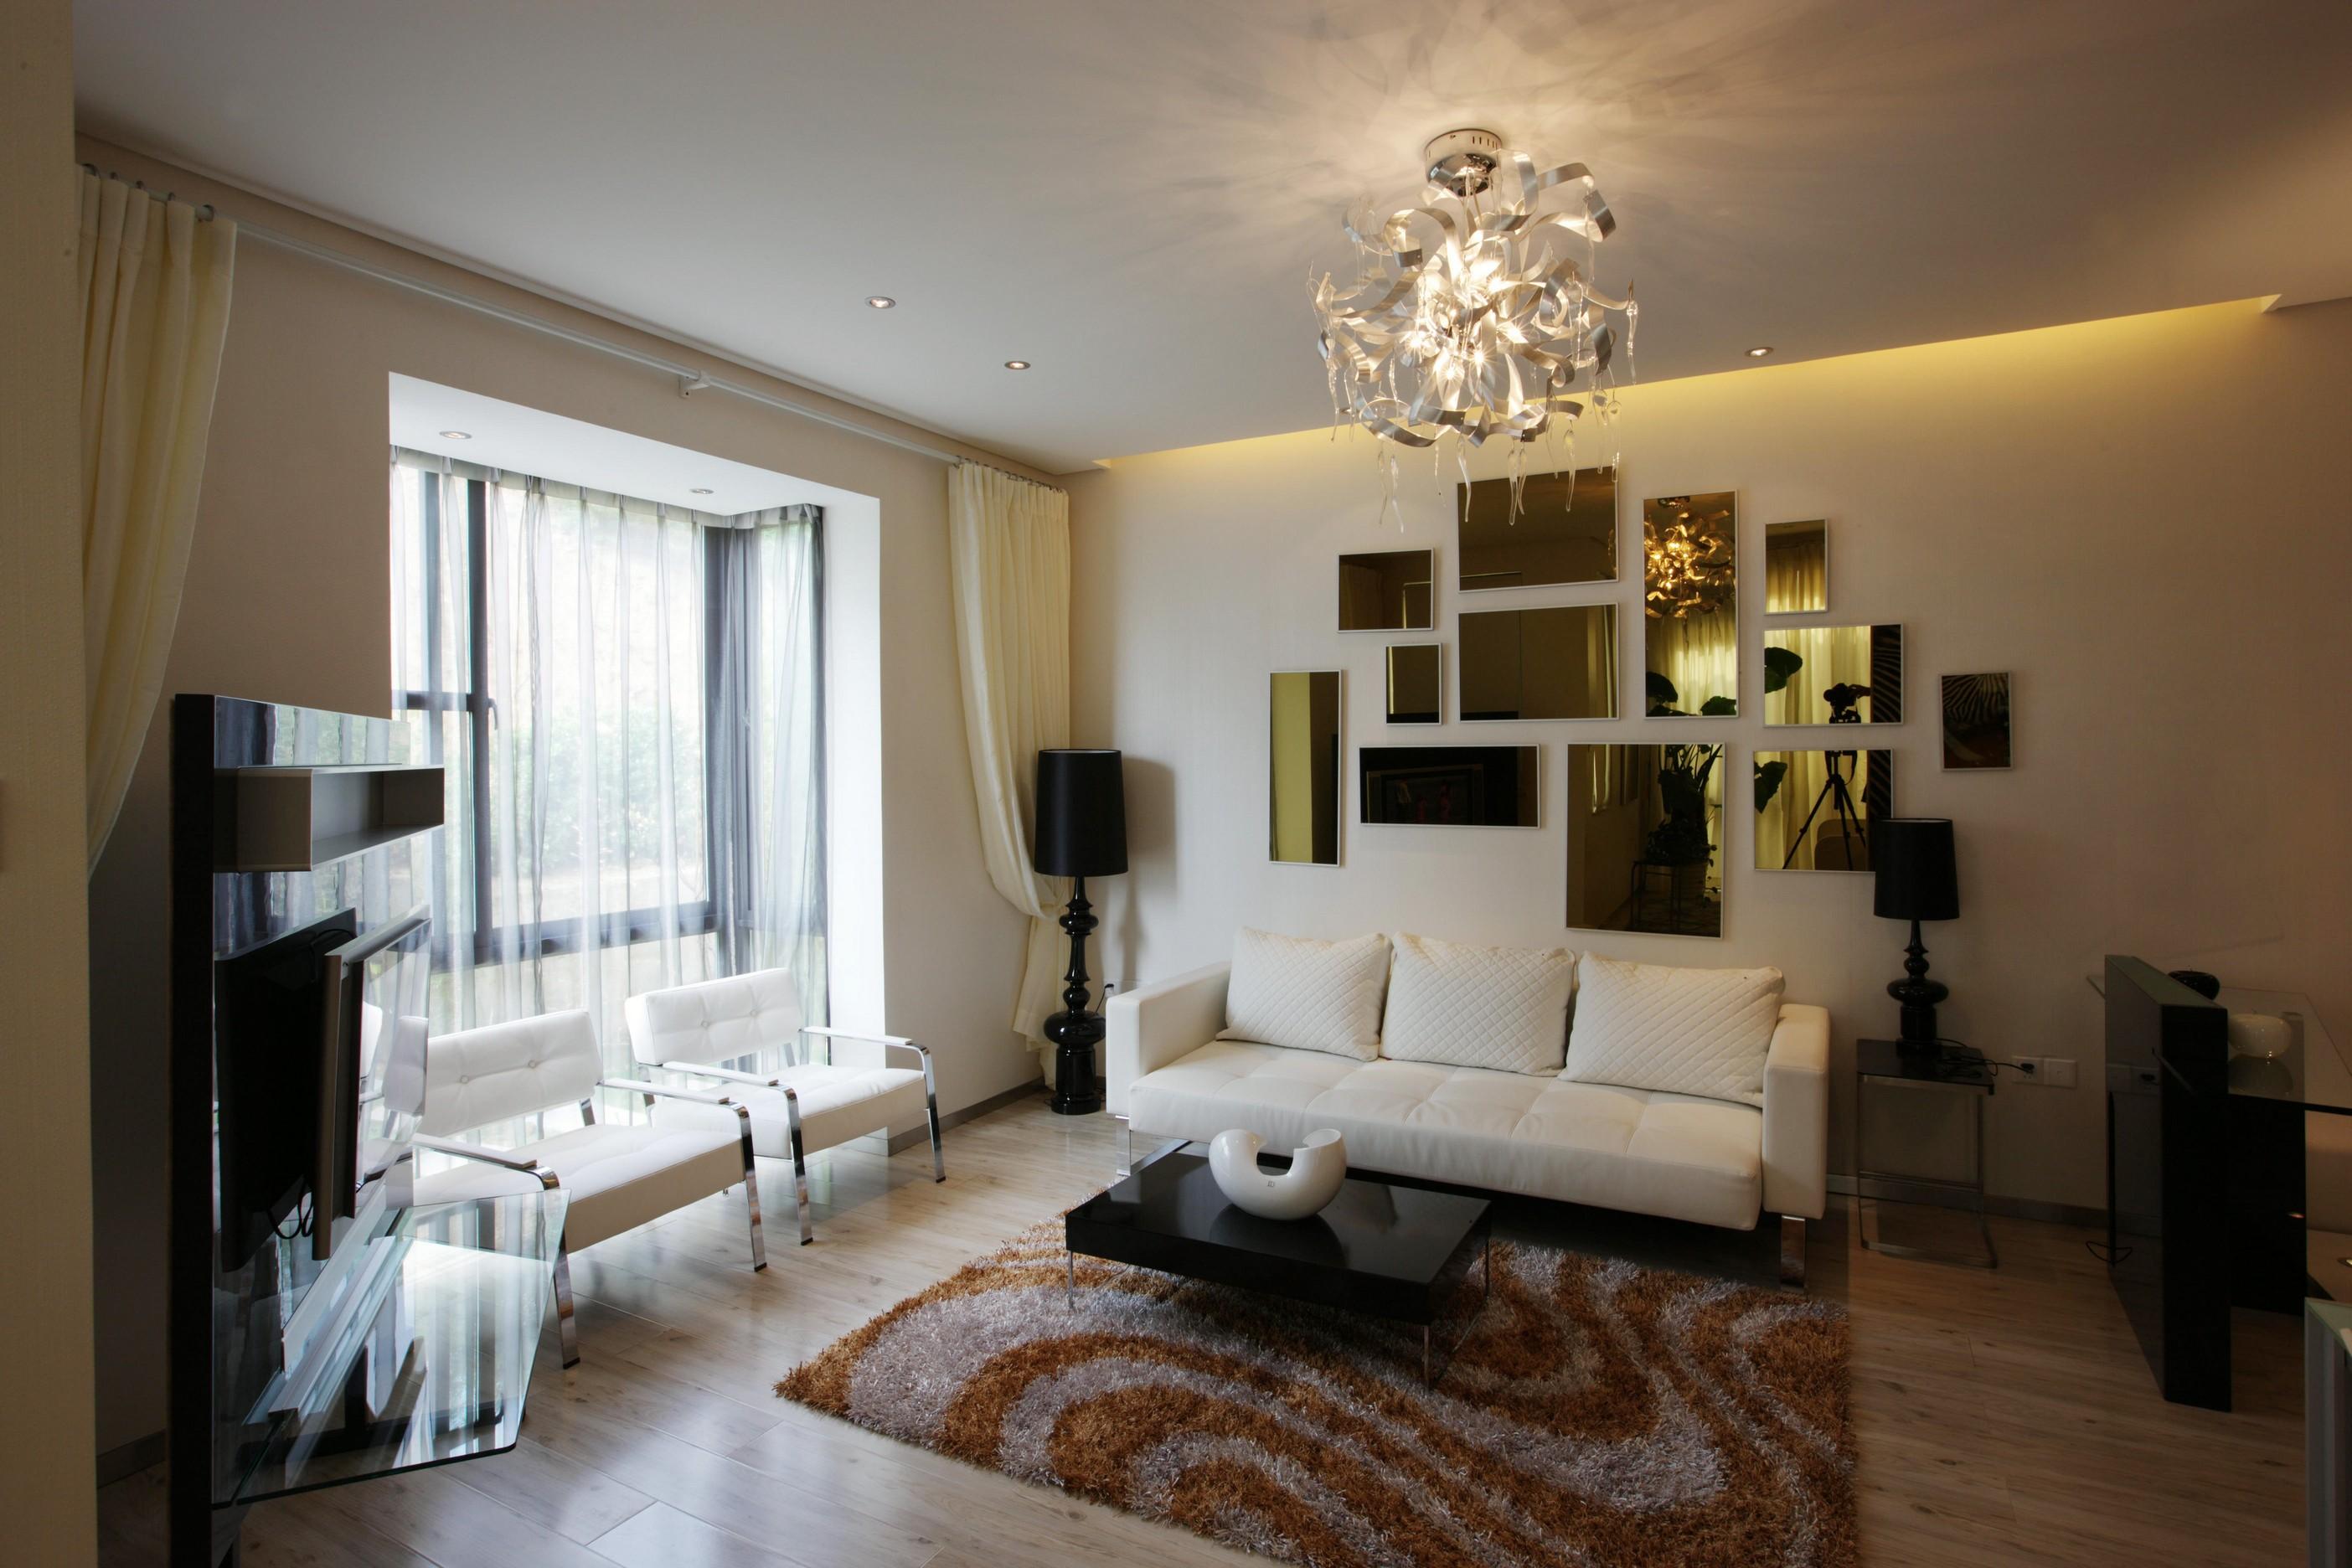 满足业主的需求,采用简约的风格,个性化的设置,让空间有格调的同时居家舒服